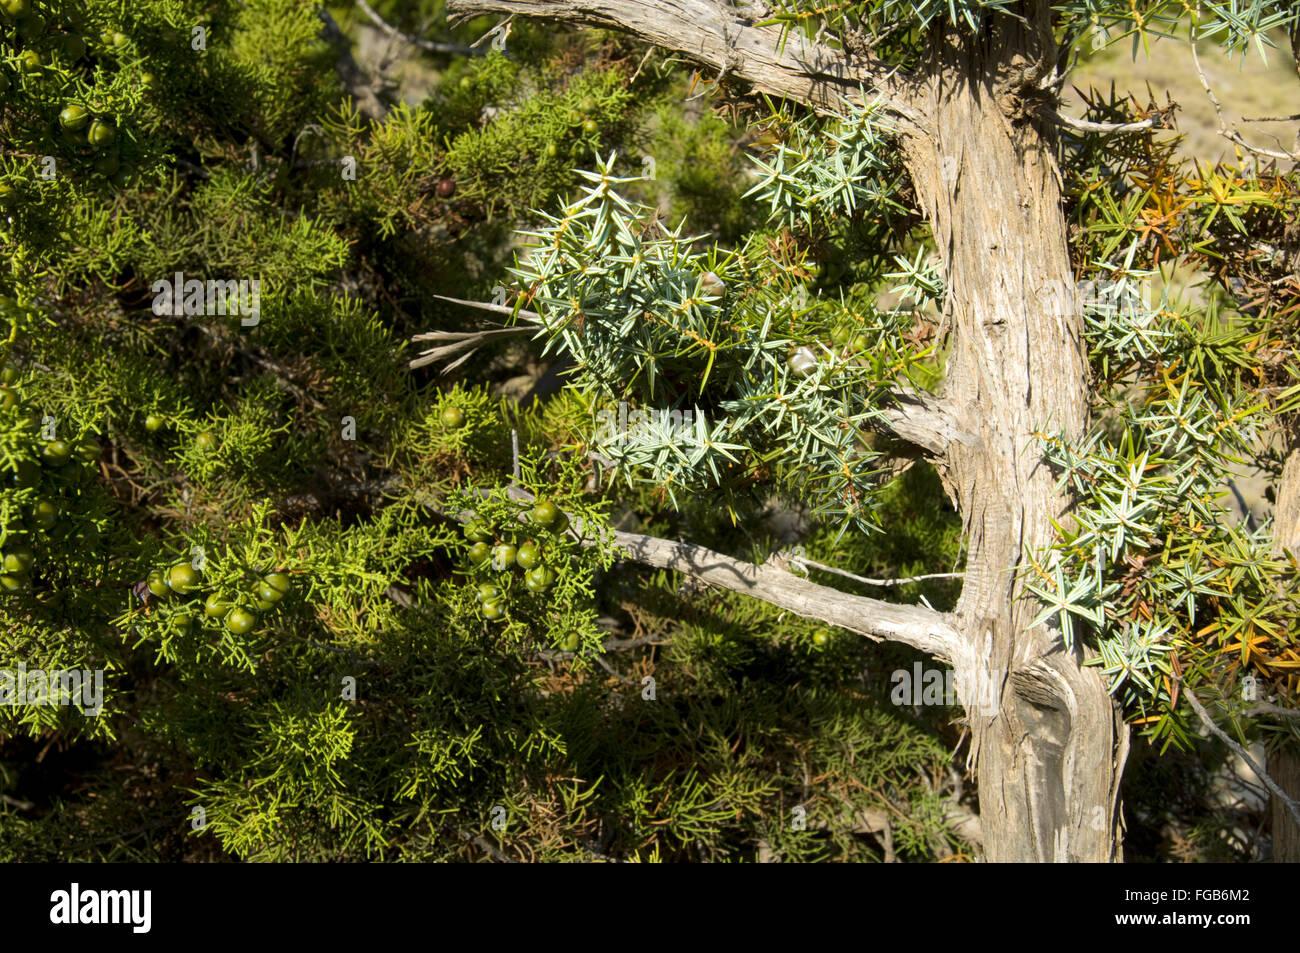 Griechenland, Kreta, Insel Gavdos, Wacholderbaum auf der Wanderung nach Kap Tripiti. Stock Photo